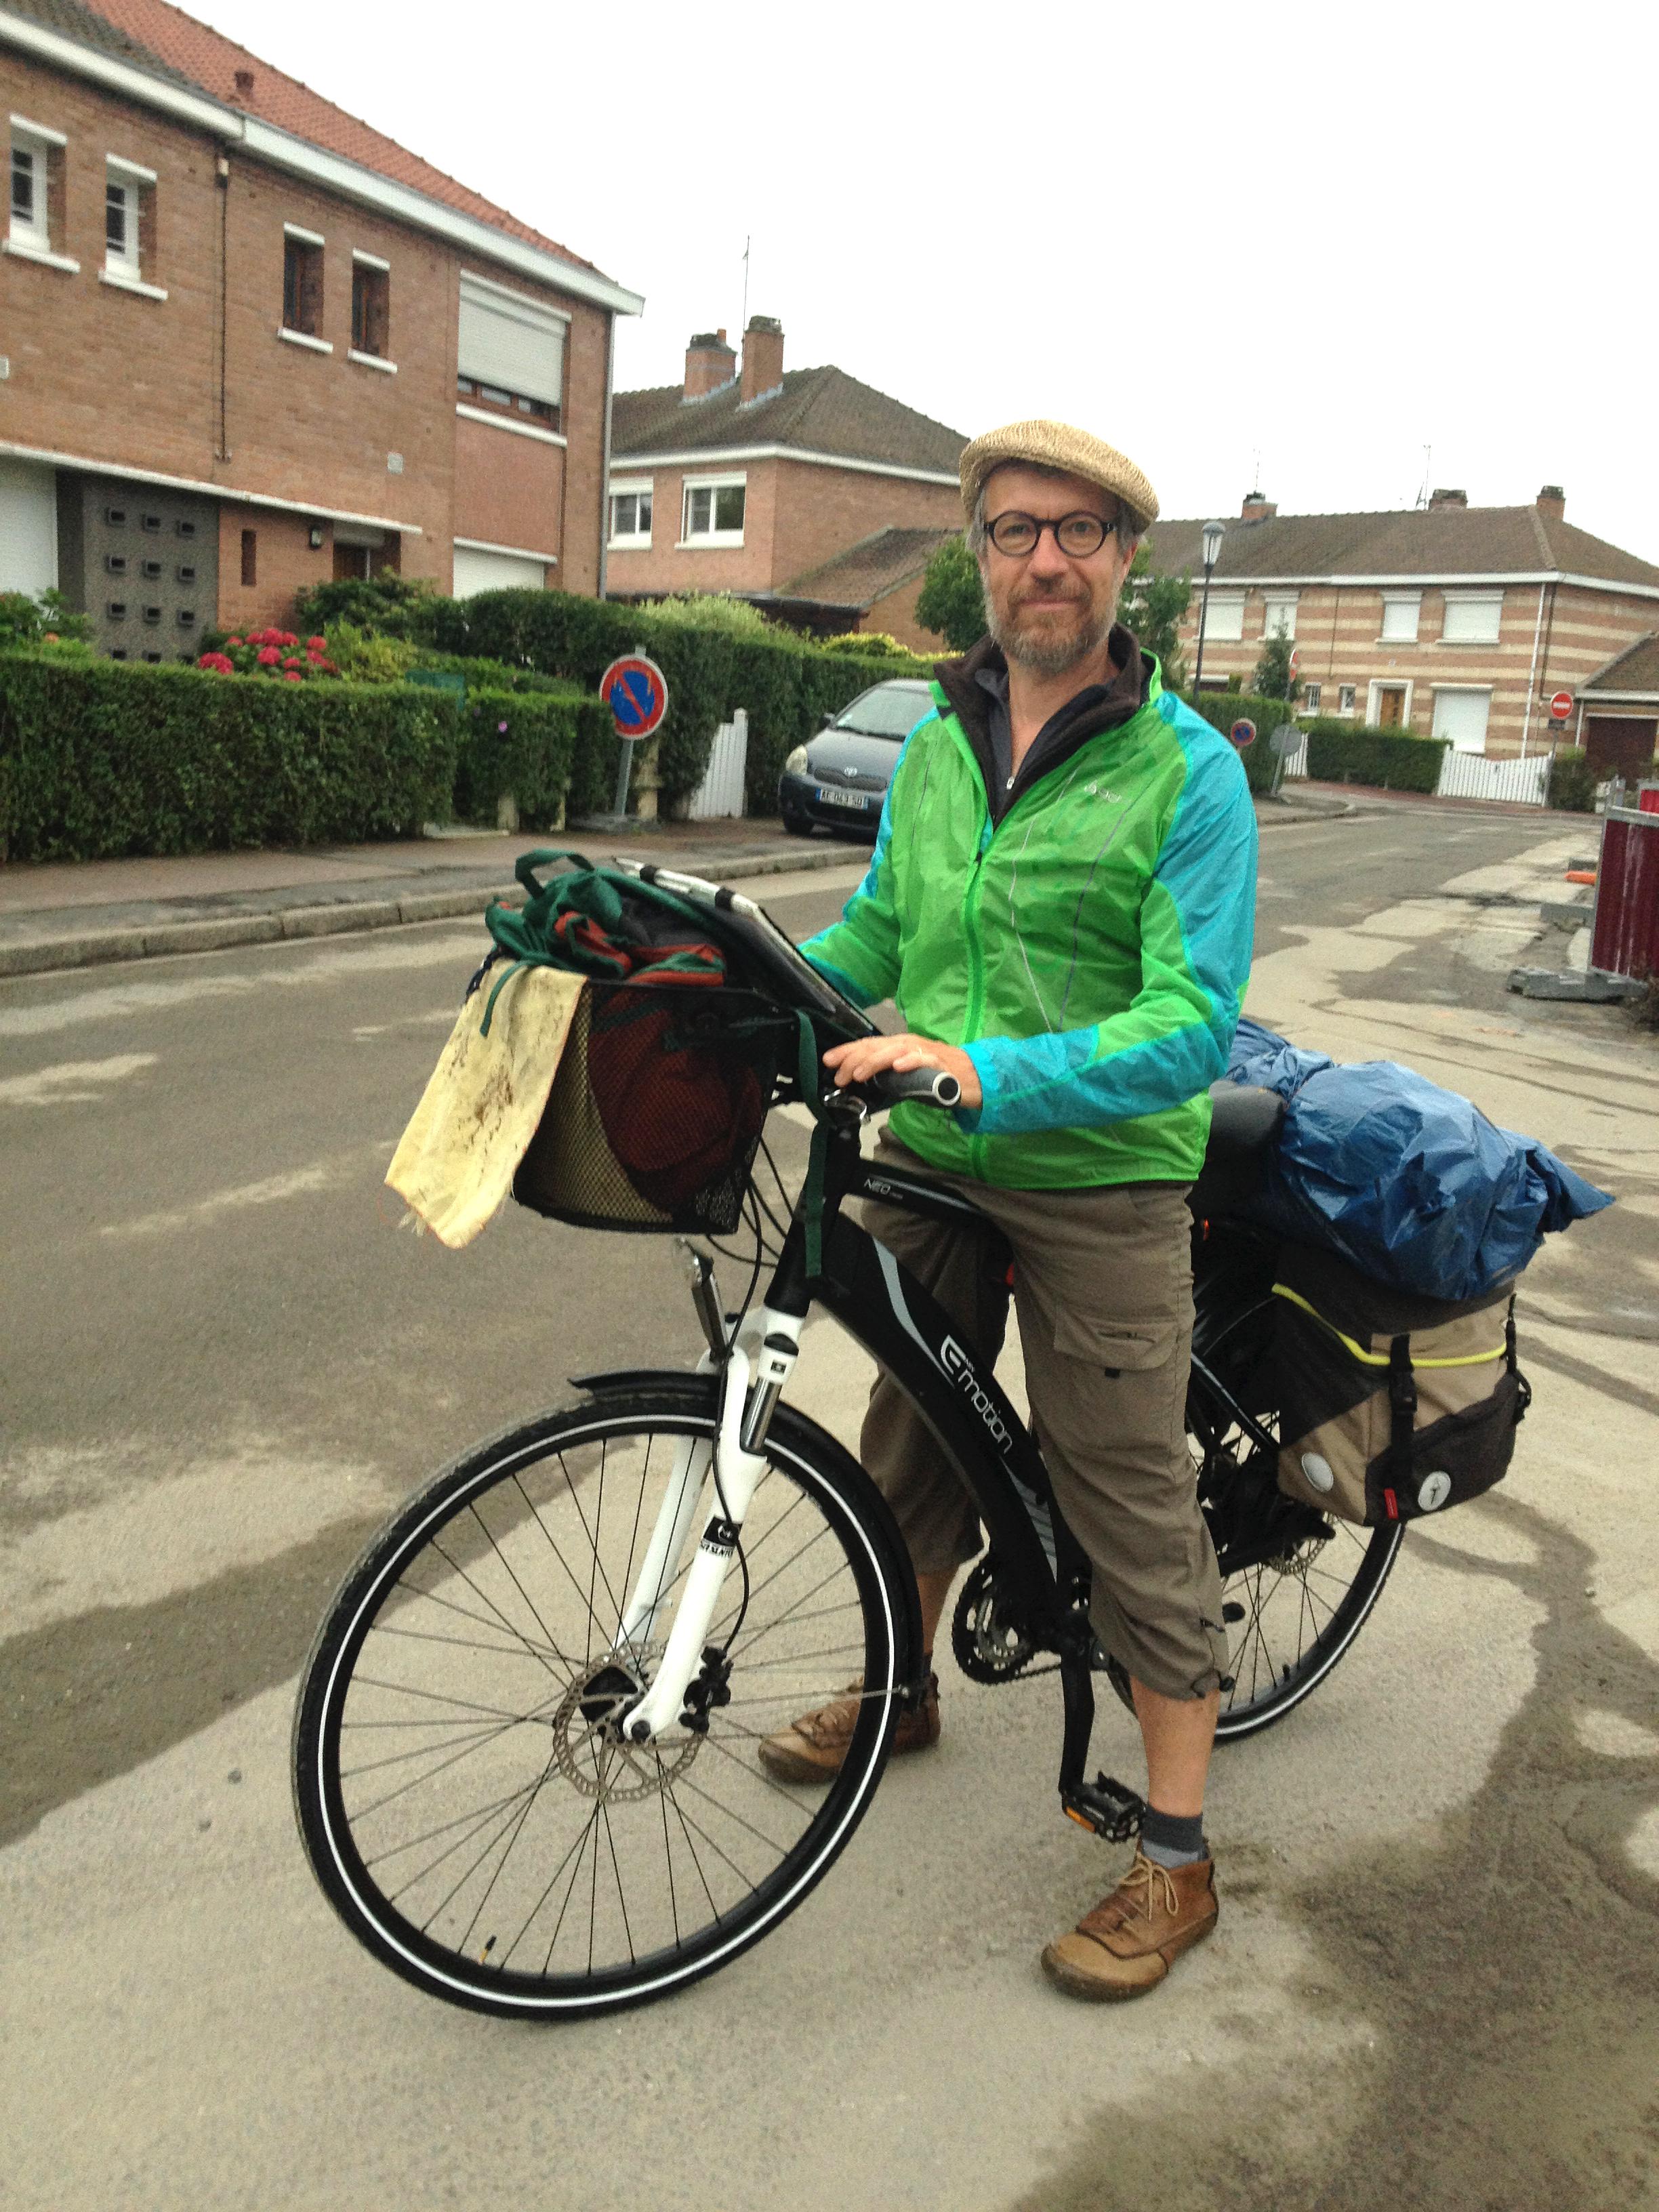 Allier l'utile à l'agréable : en route pour le Festival du film documentaire de Lussac (+ de 300km quand même!) ©D.R.